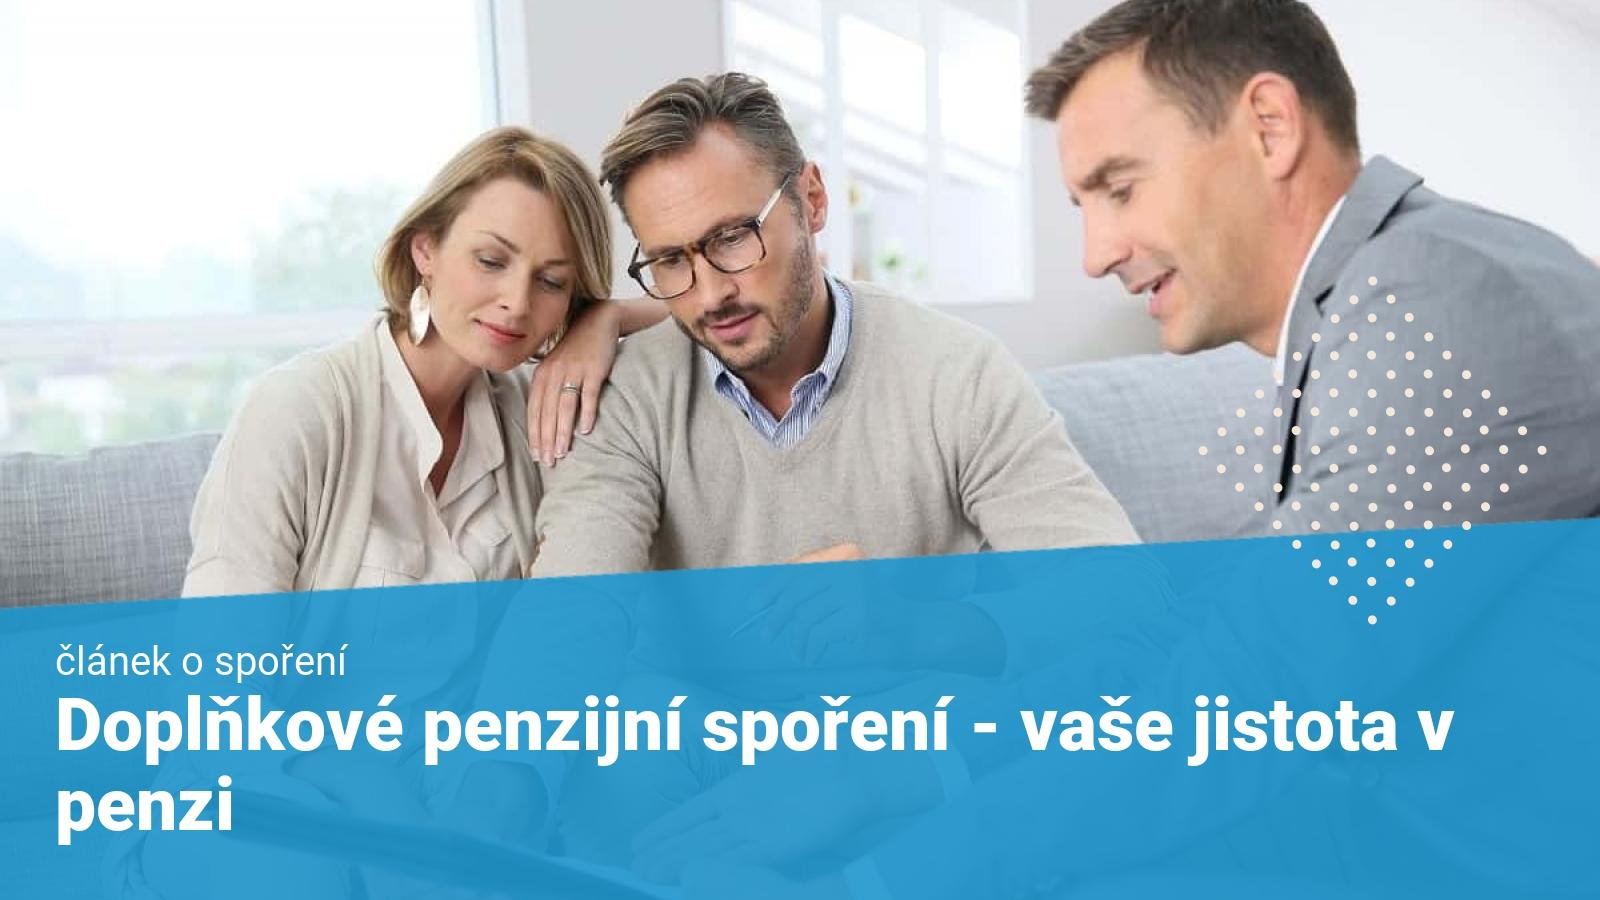 penzijni-pripojisteni